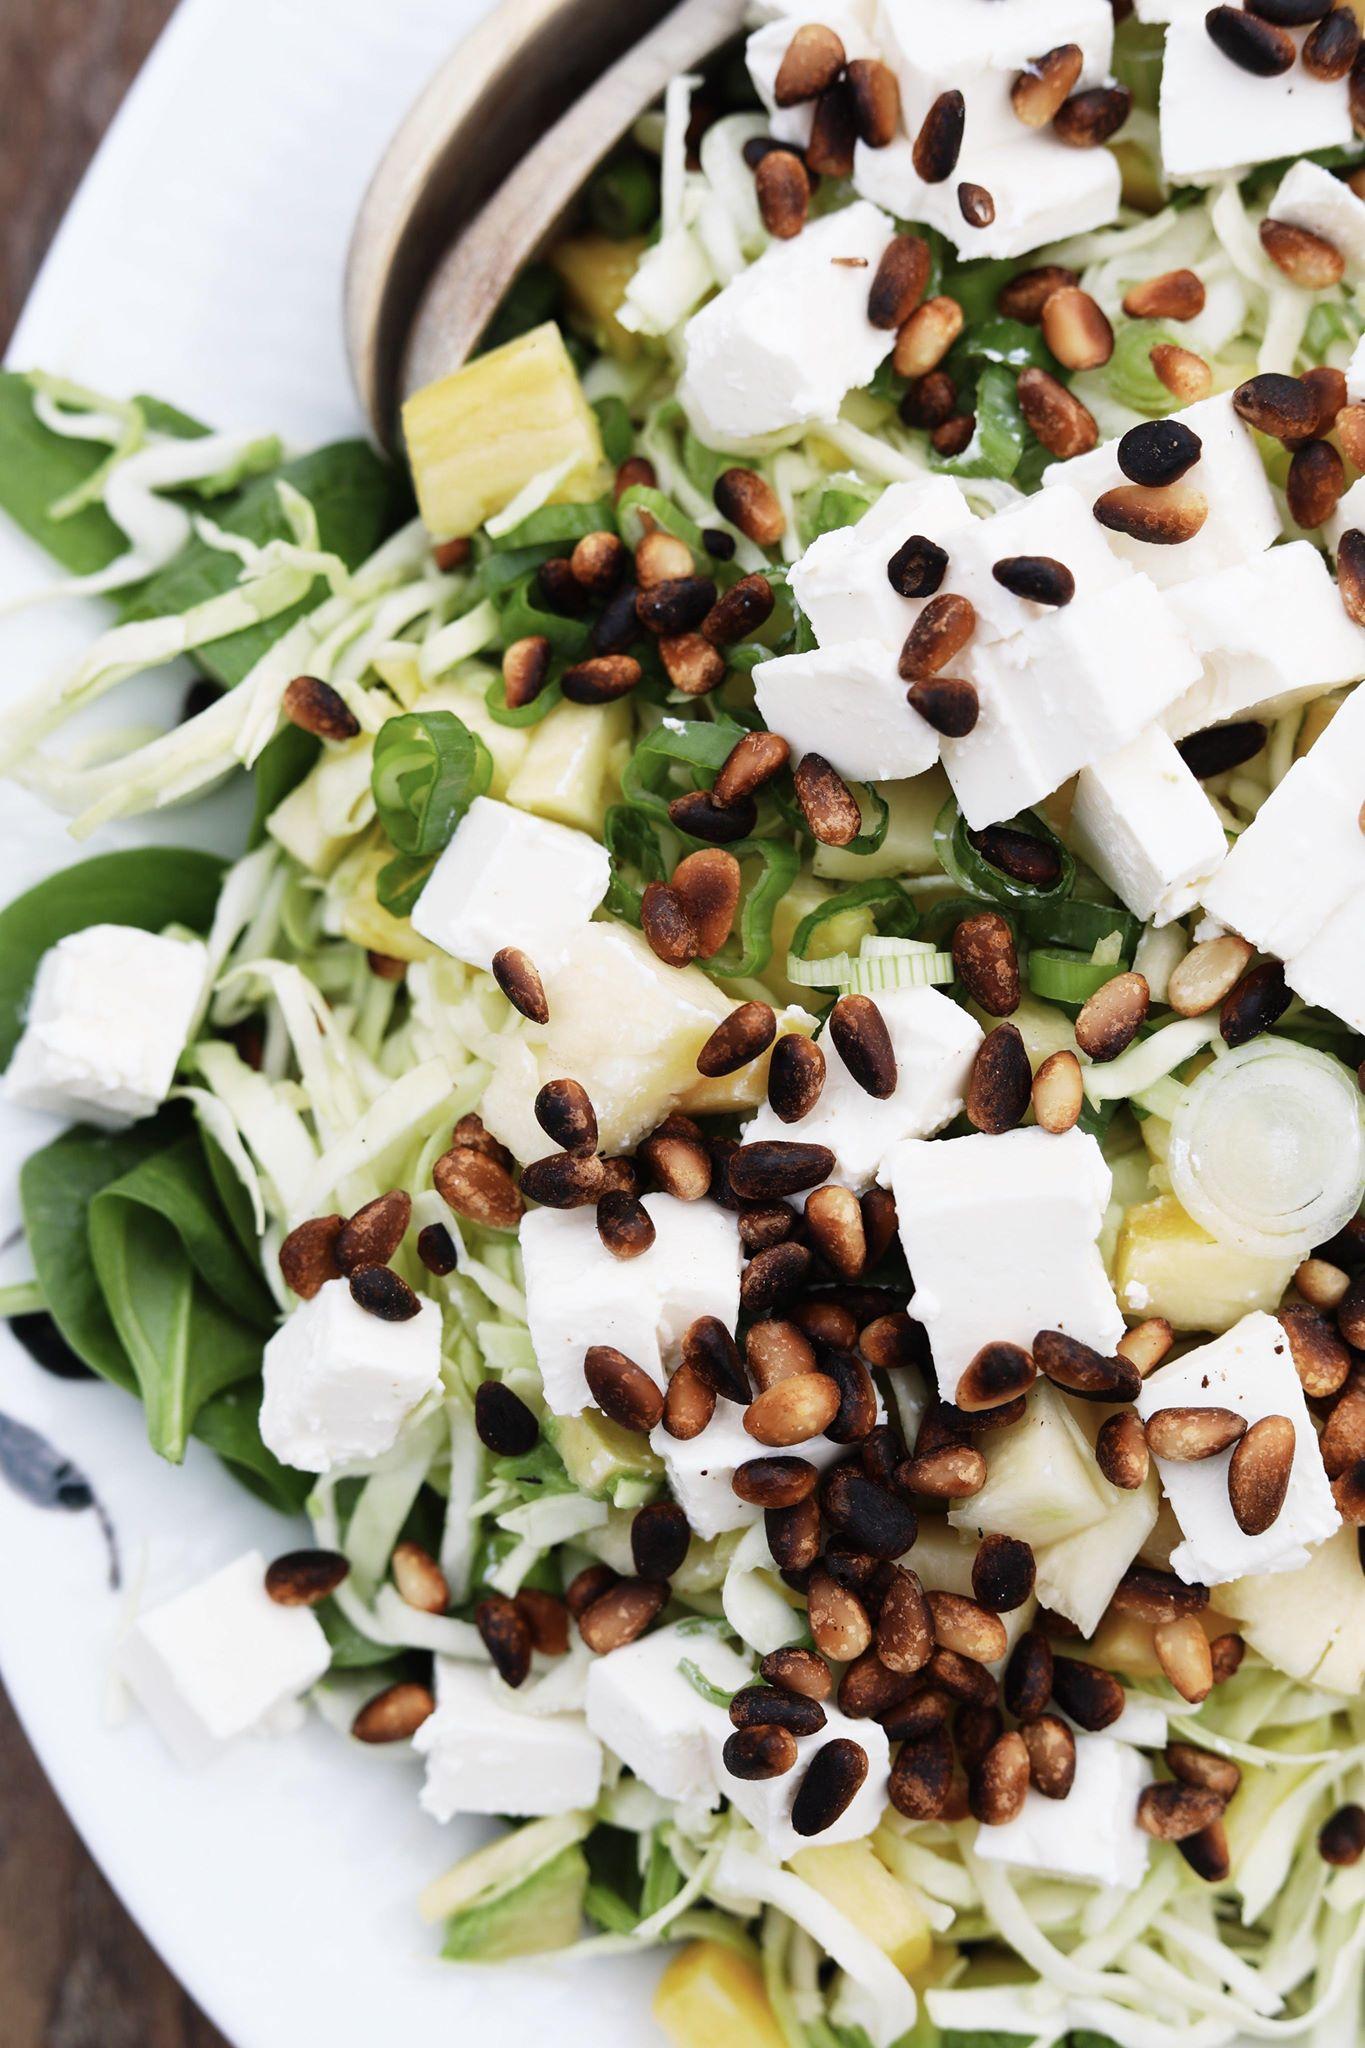 Spidskålssalat med spinat, feta og ananas